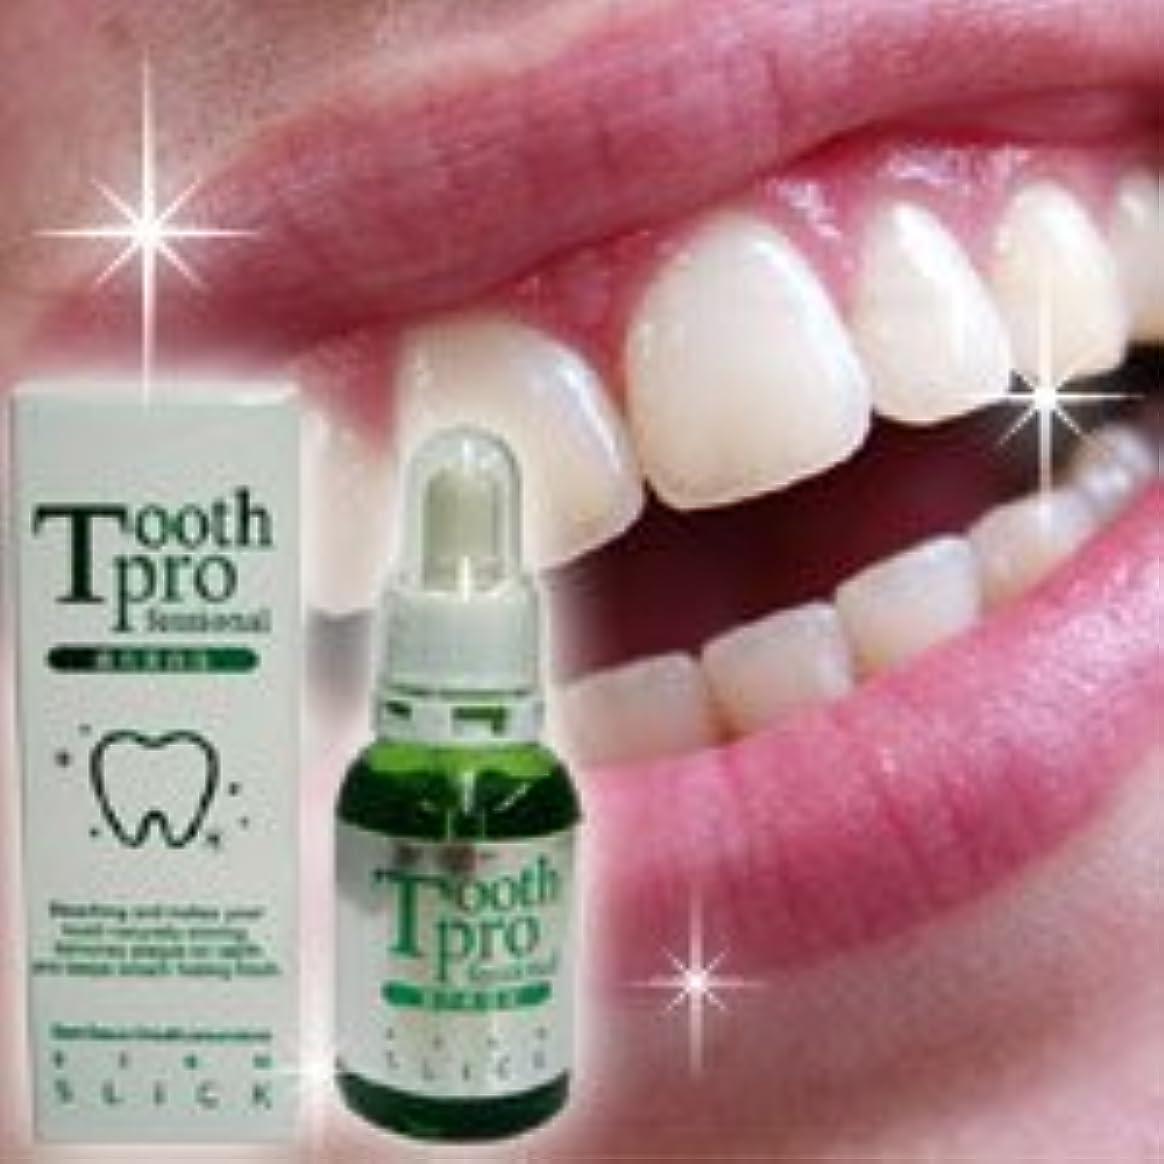 生き残ります余分なベット歯科医が大絶賛!でも販売には猛反対! ビームスリック トゥースプロフェッショナル